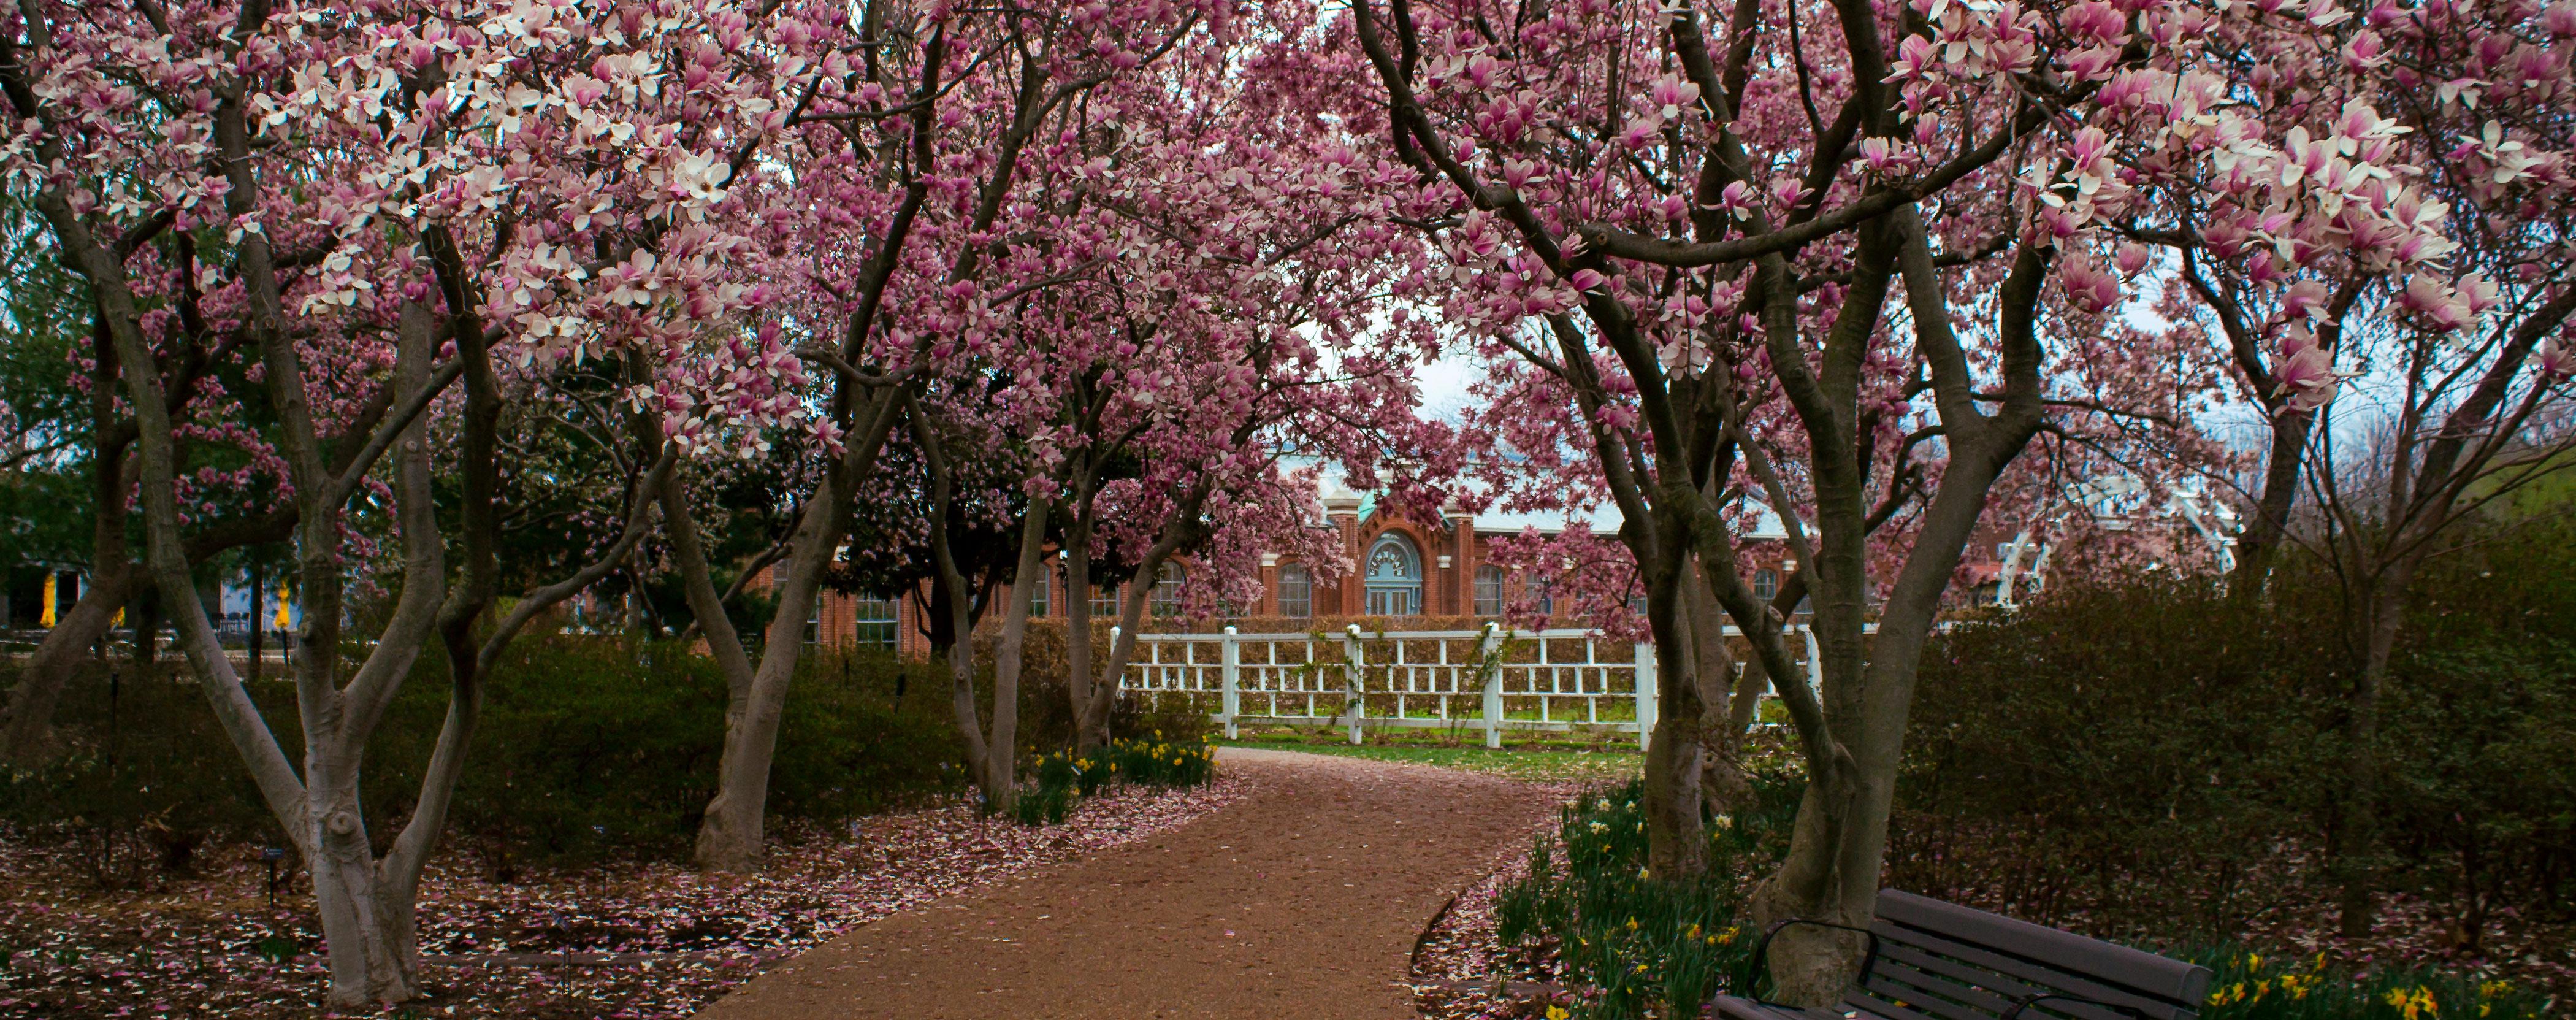 magnolia walk with falling magnolia petals